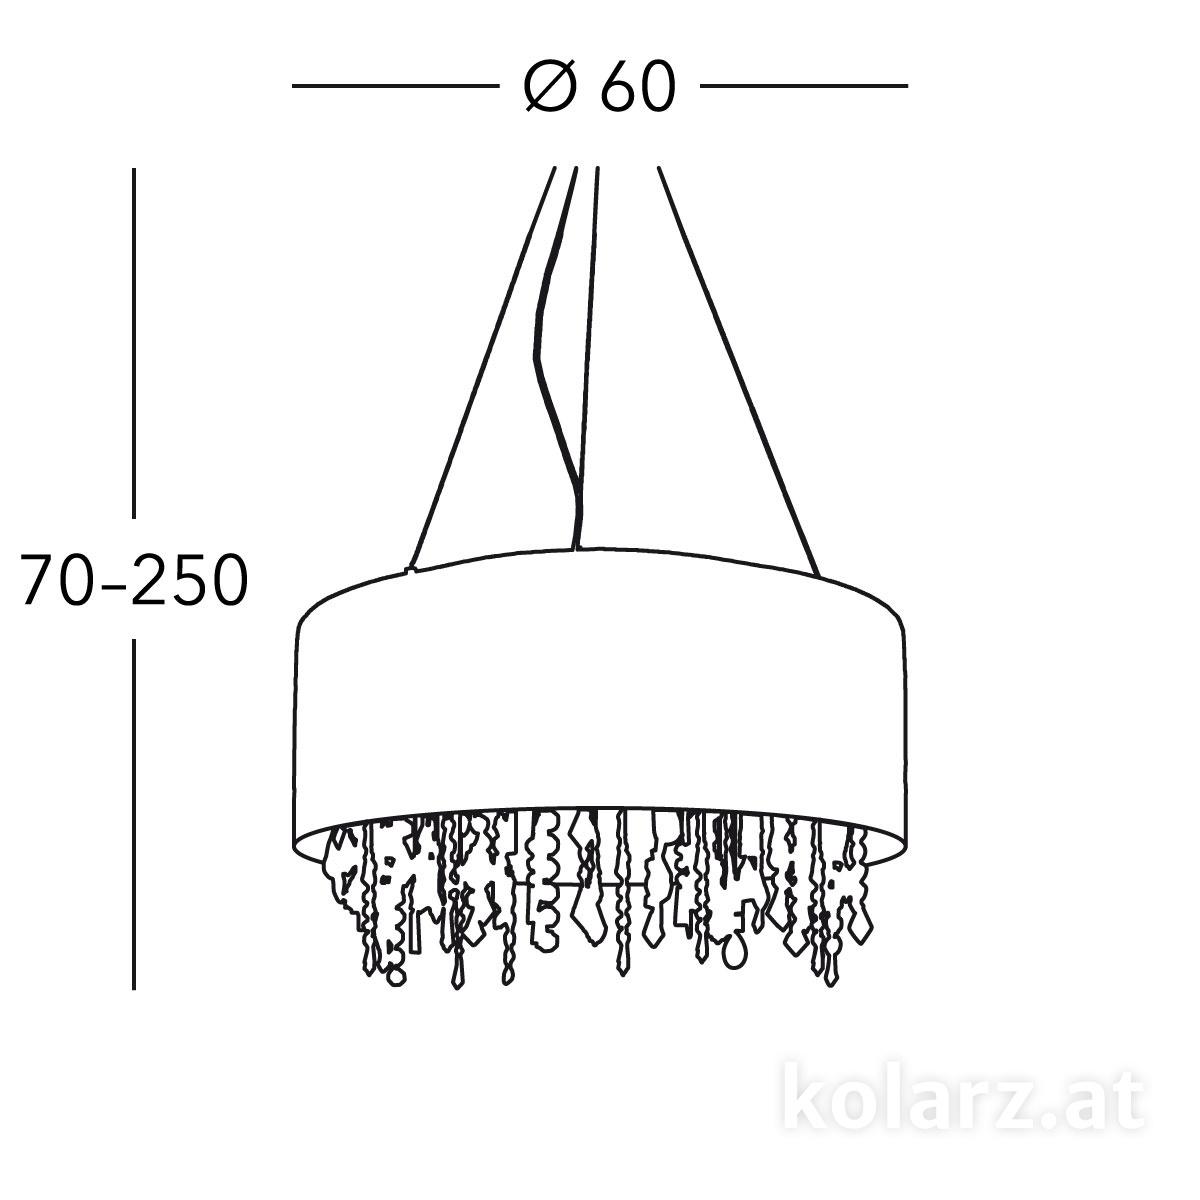 0240-86-5-Bk-KoT-s1.jpg